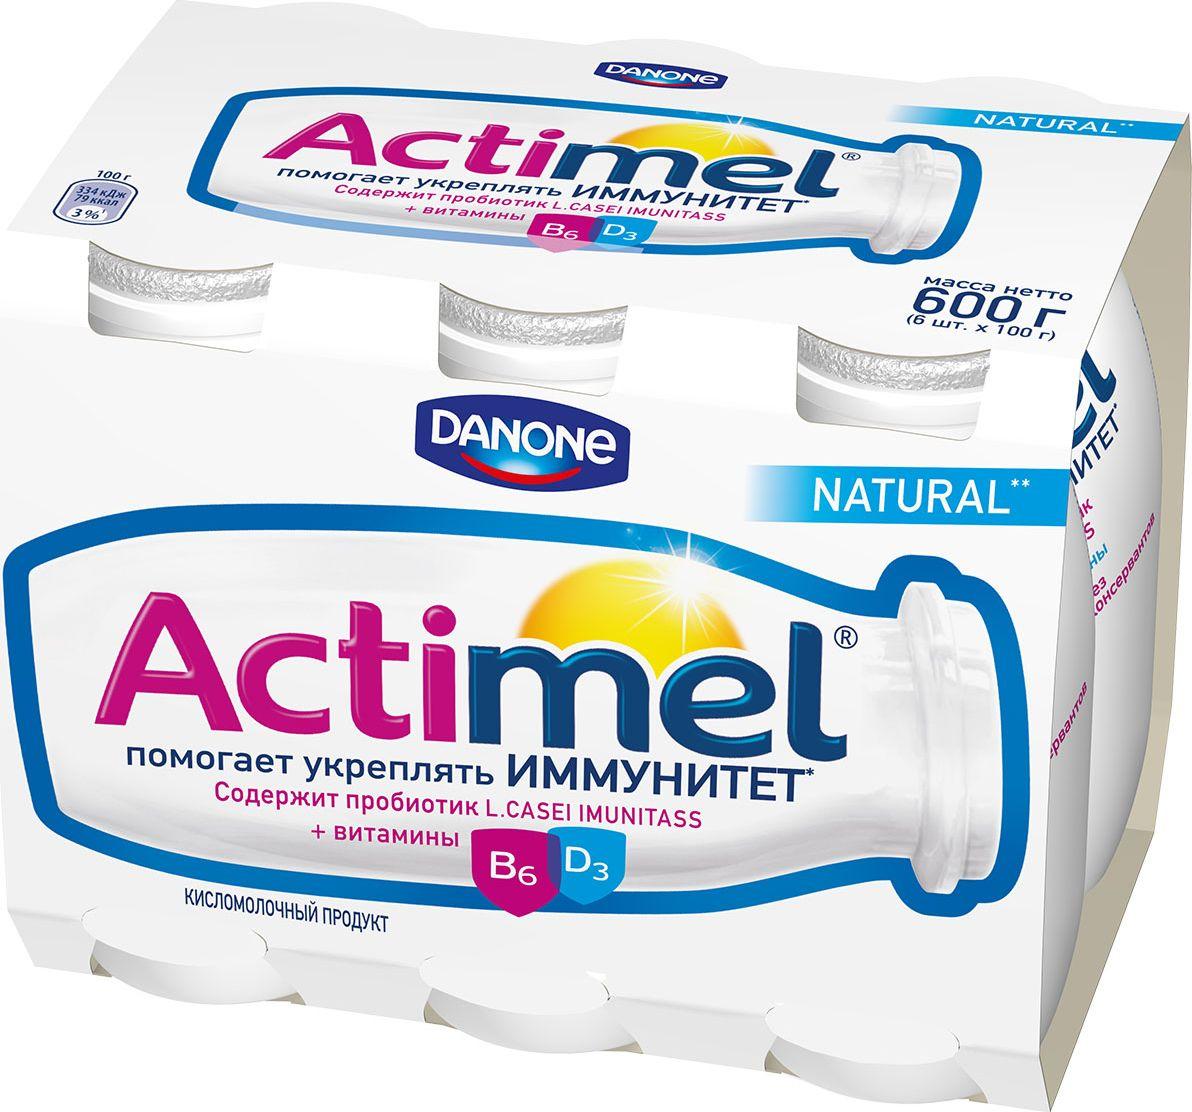 Актимель Продукт кисломолочный 2,6%, 6 шт по 90 г актимель продукт кисломолочный 2 6